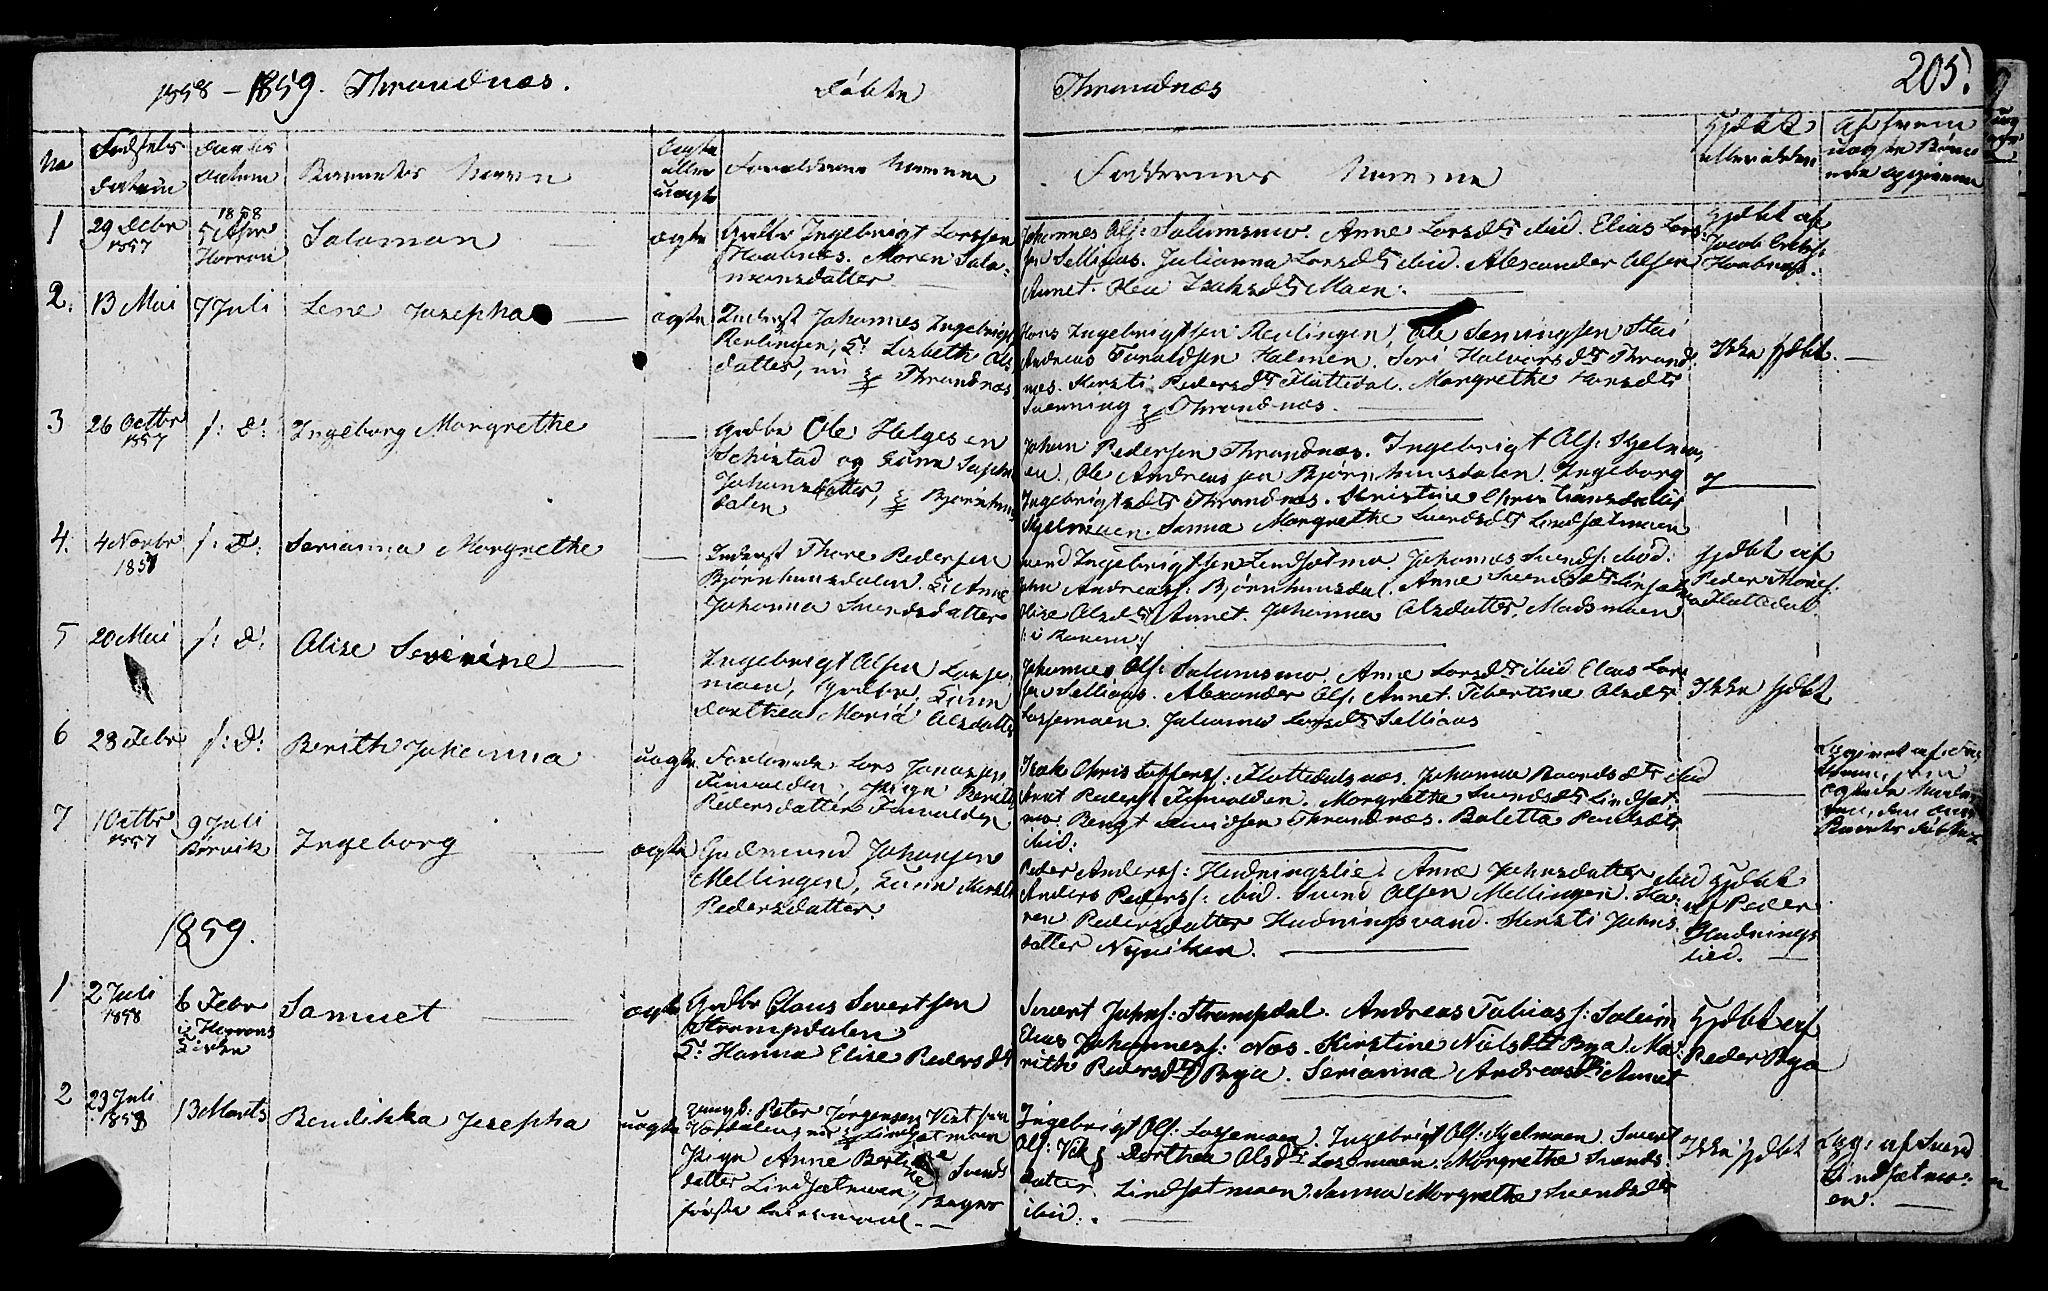 SAT, Ministerialprotokoller, klokkerbøker og fødselsregistre - Nord-Trøndelag, 762/L0538: Ministerialbok nr. 762A02 /2, 1833-1879, s. 205